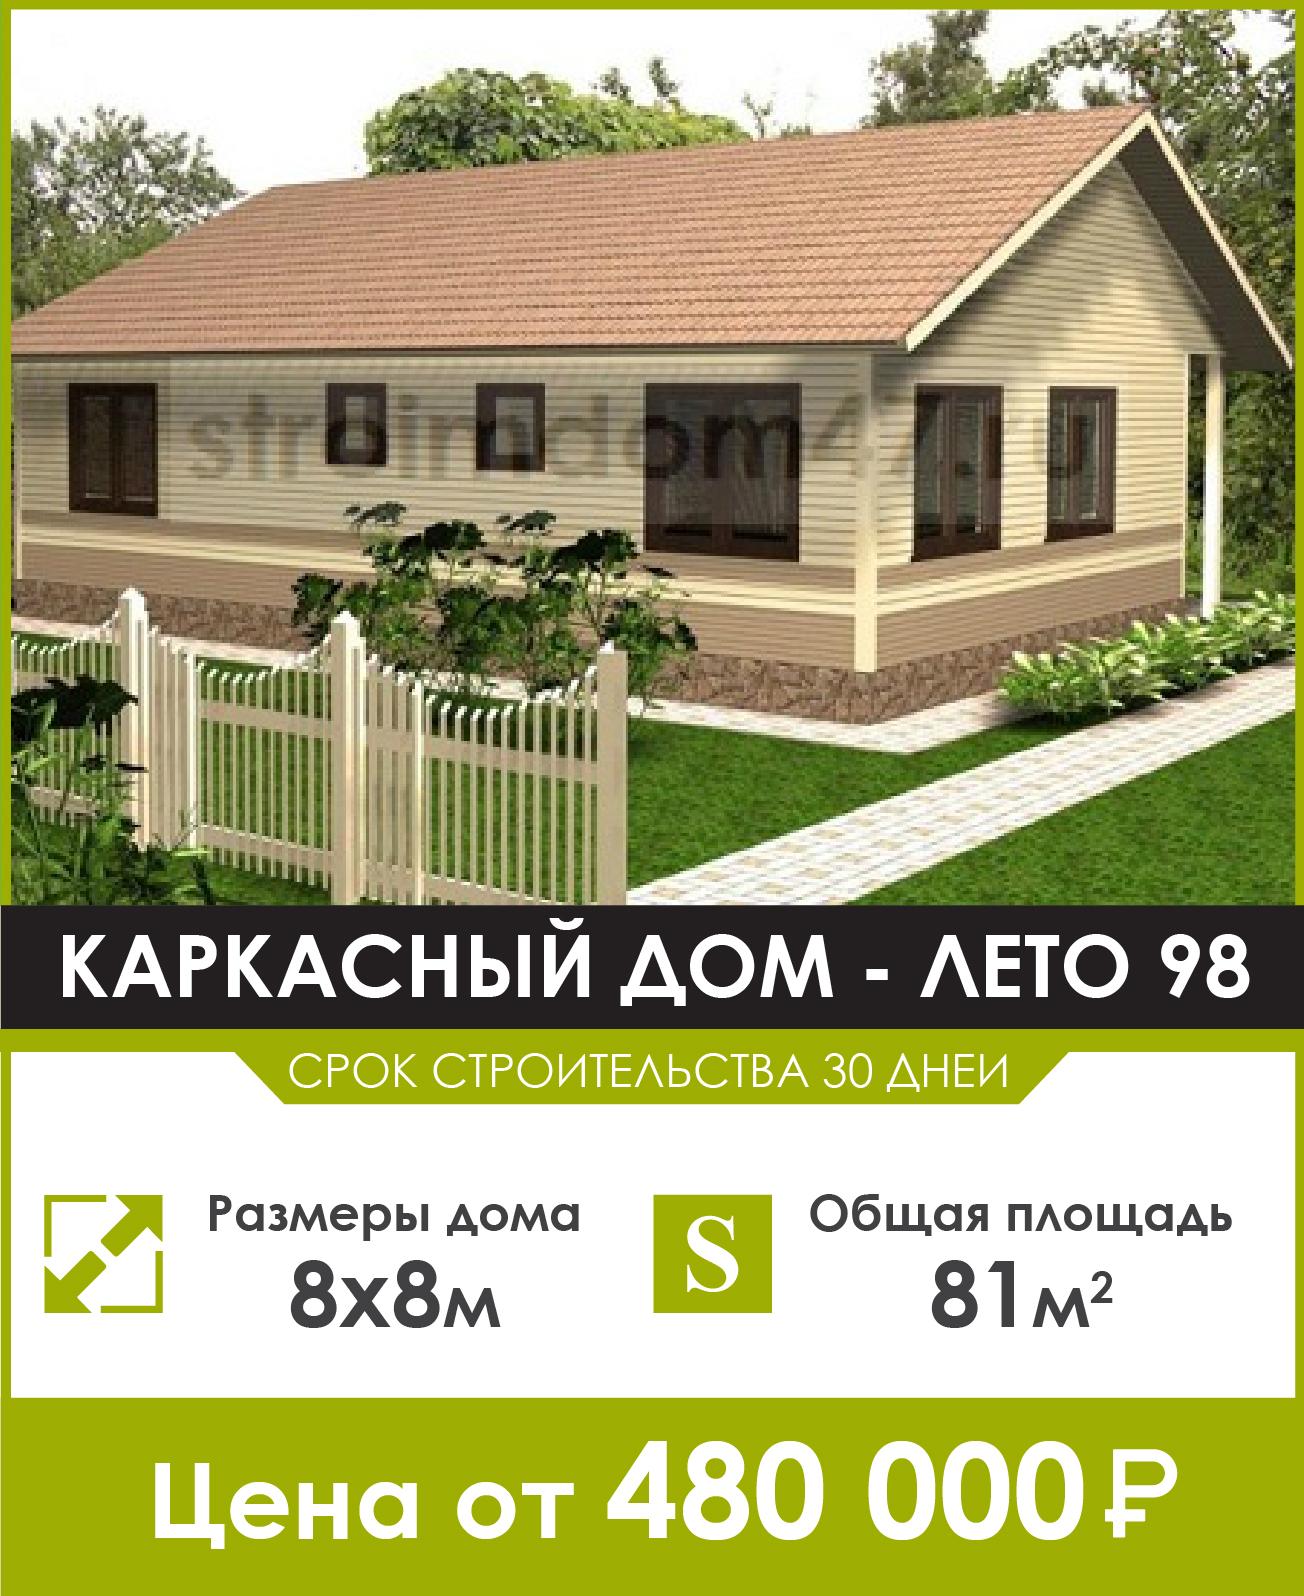 Каркасный дом ЛЕТО 98